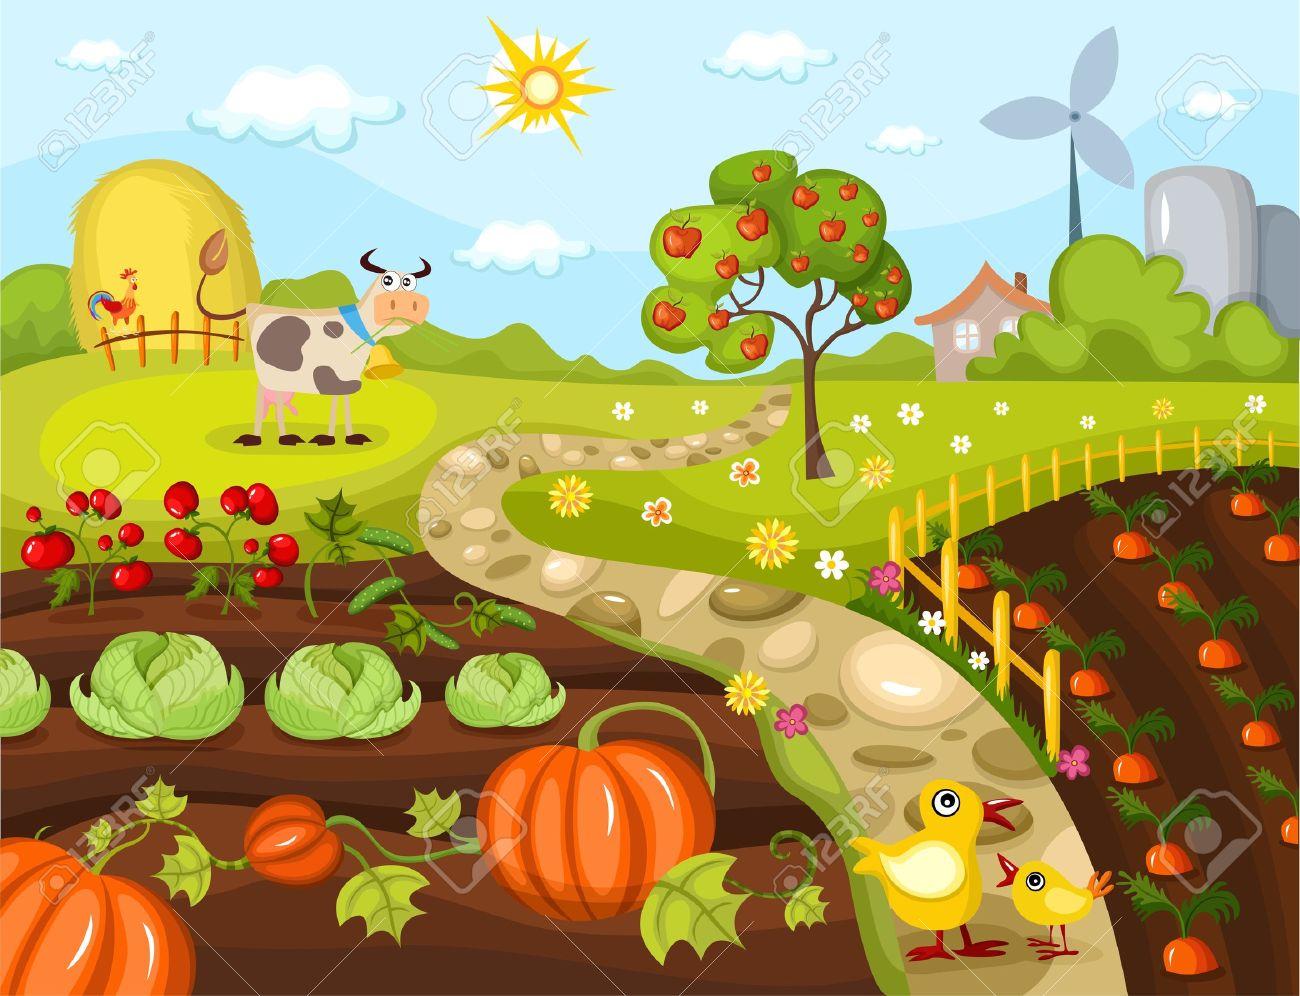 Farm garden clipart.